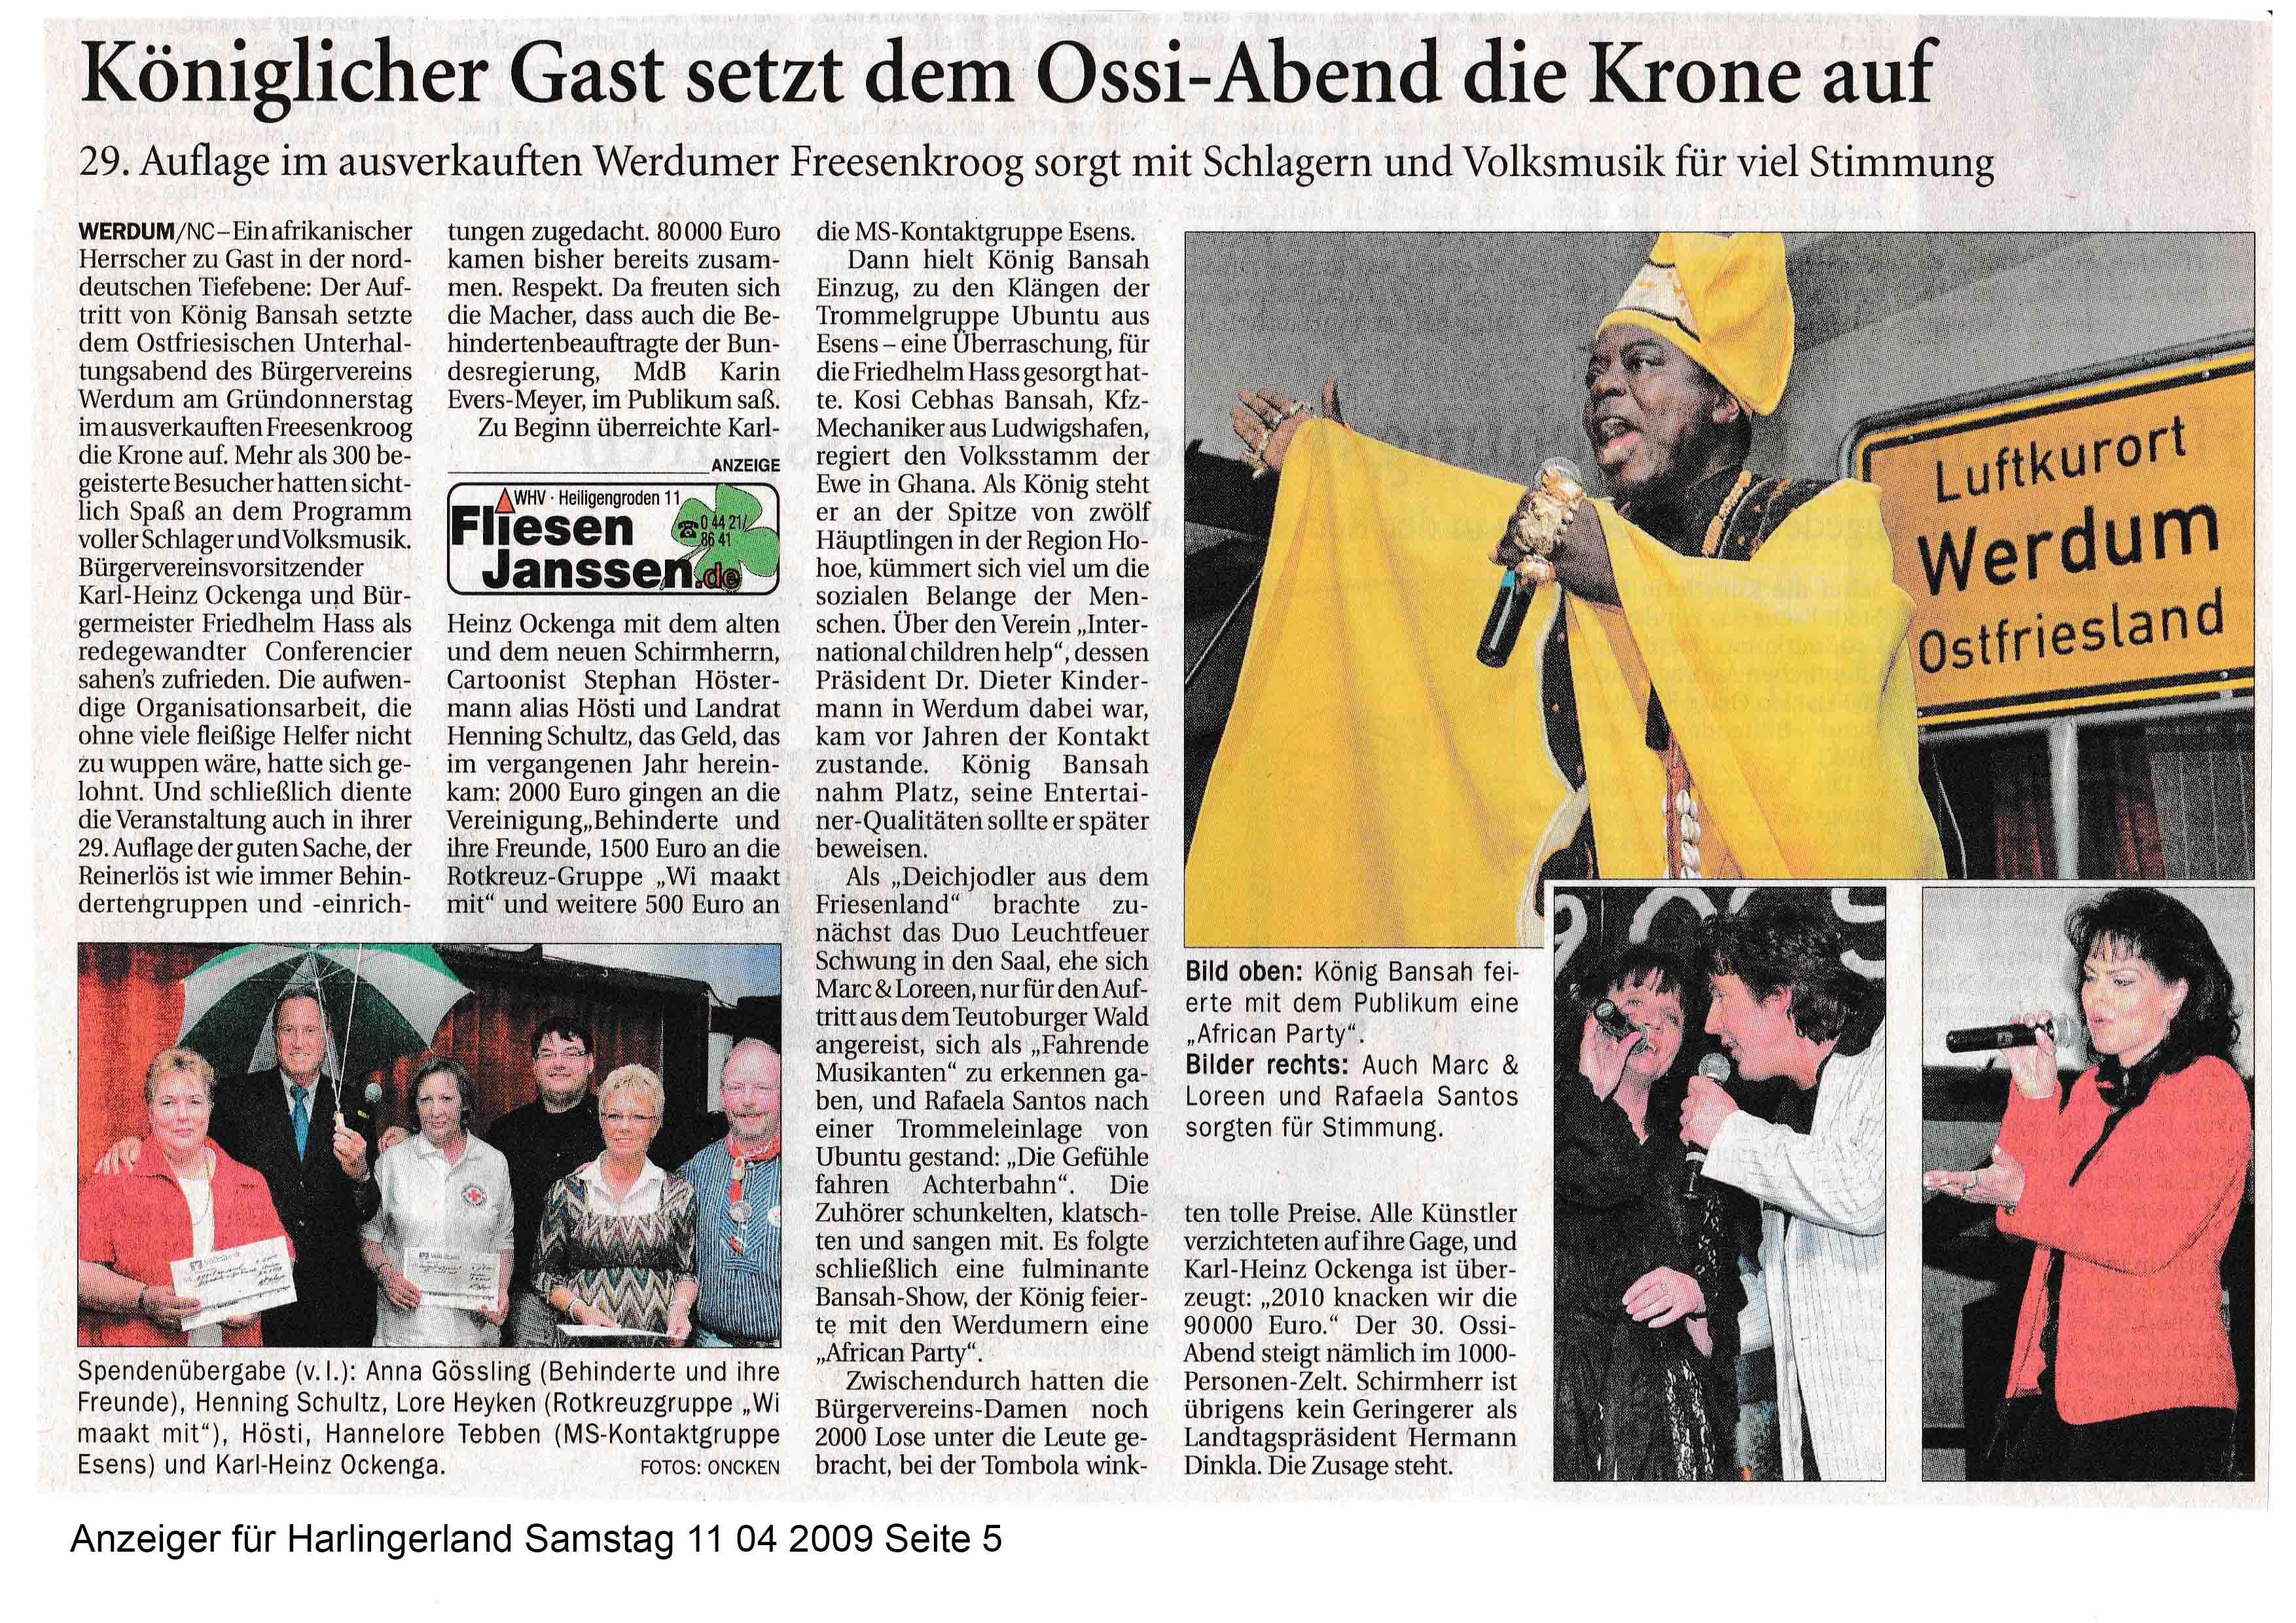 Anzeiger für Harlingerland Samstag 11 04 2009 Seite 5